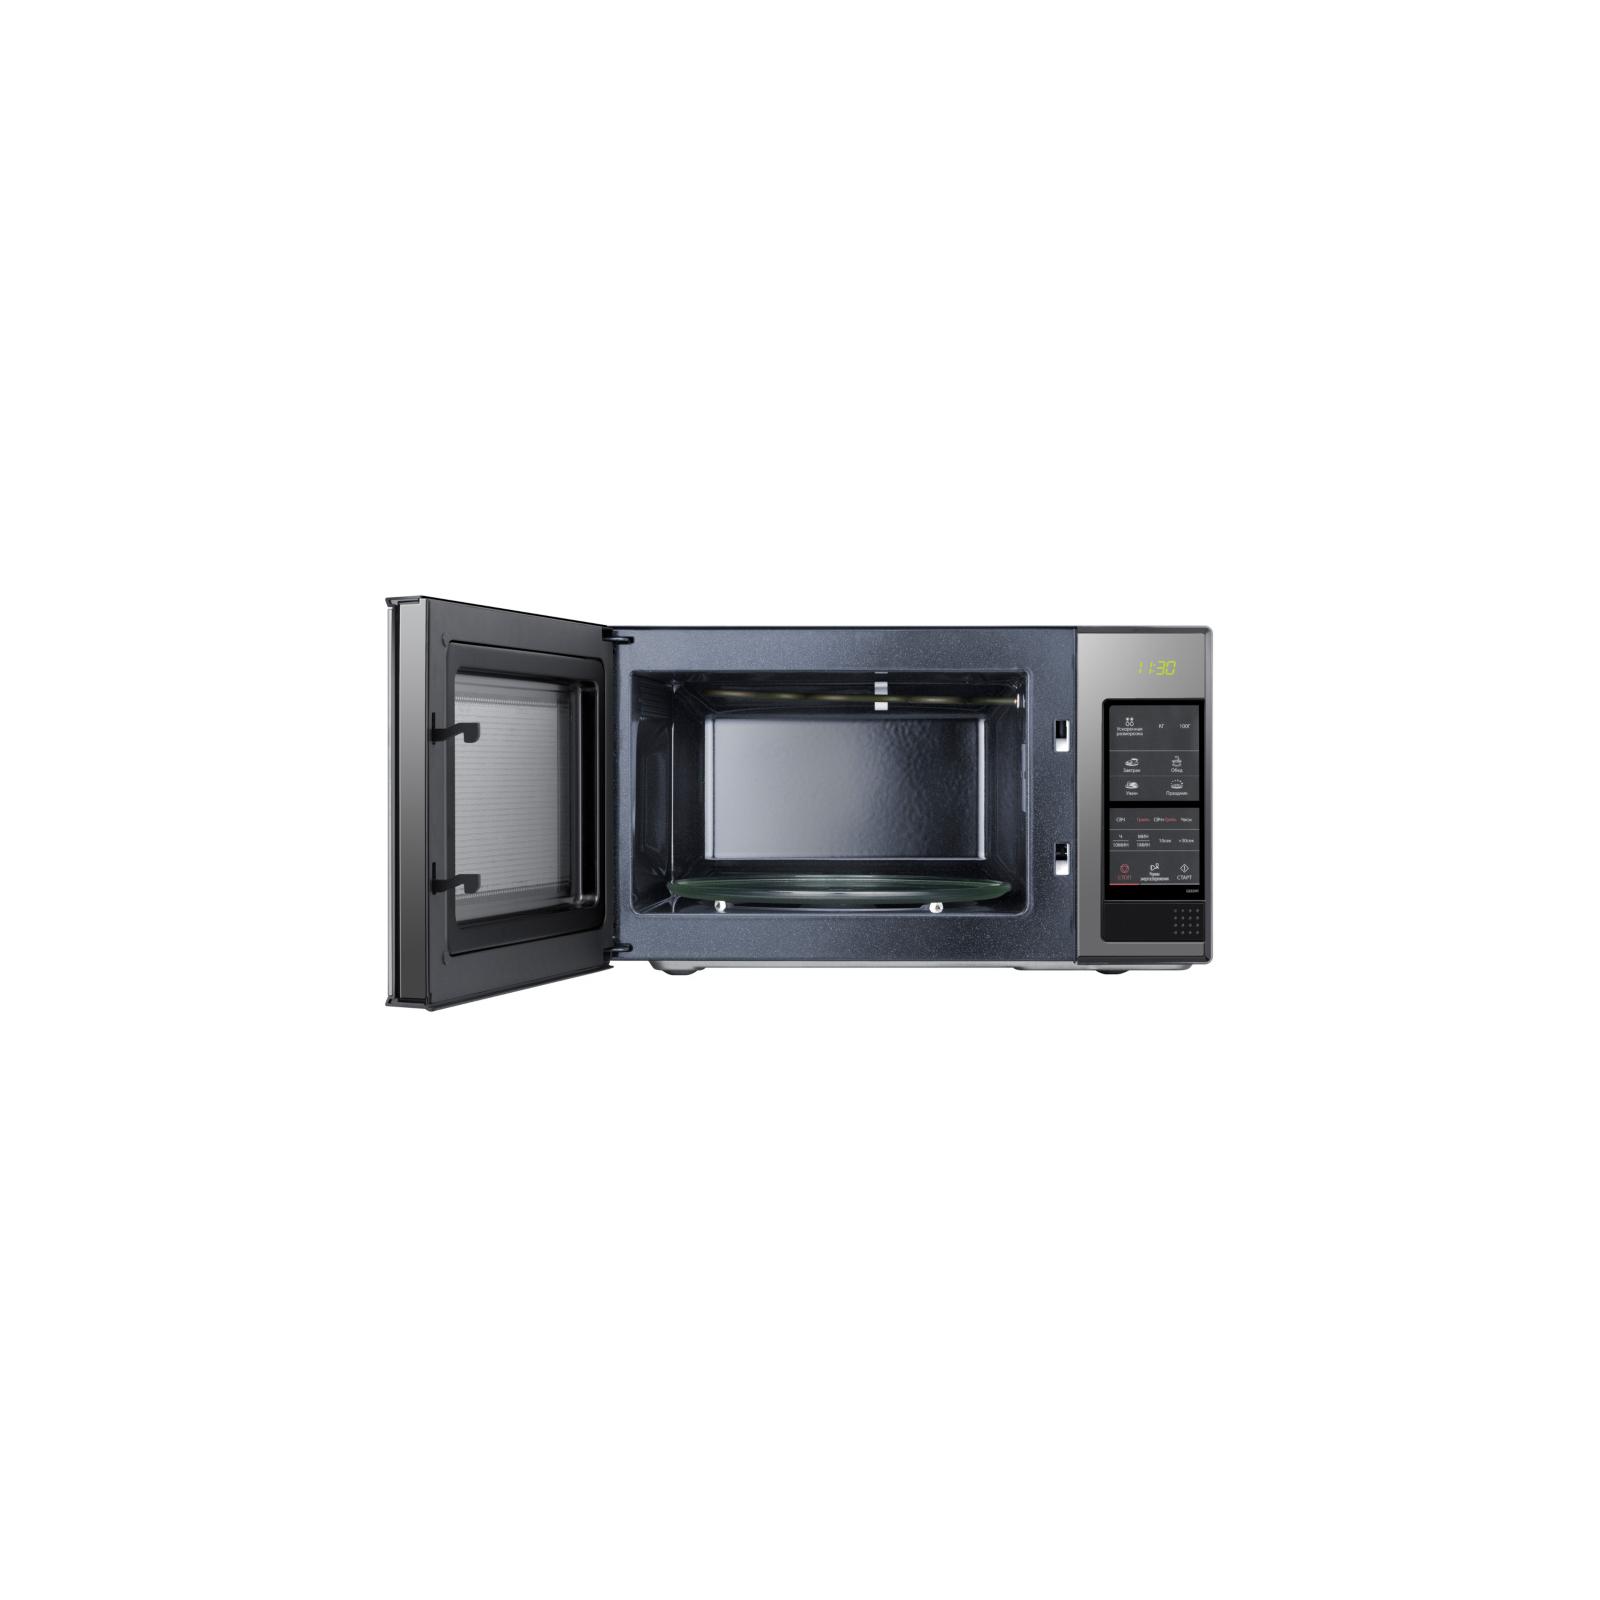 Микроволновая печь Samsung GE 83 XR/BWT (GE83XR/BWT) изображение 3